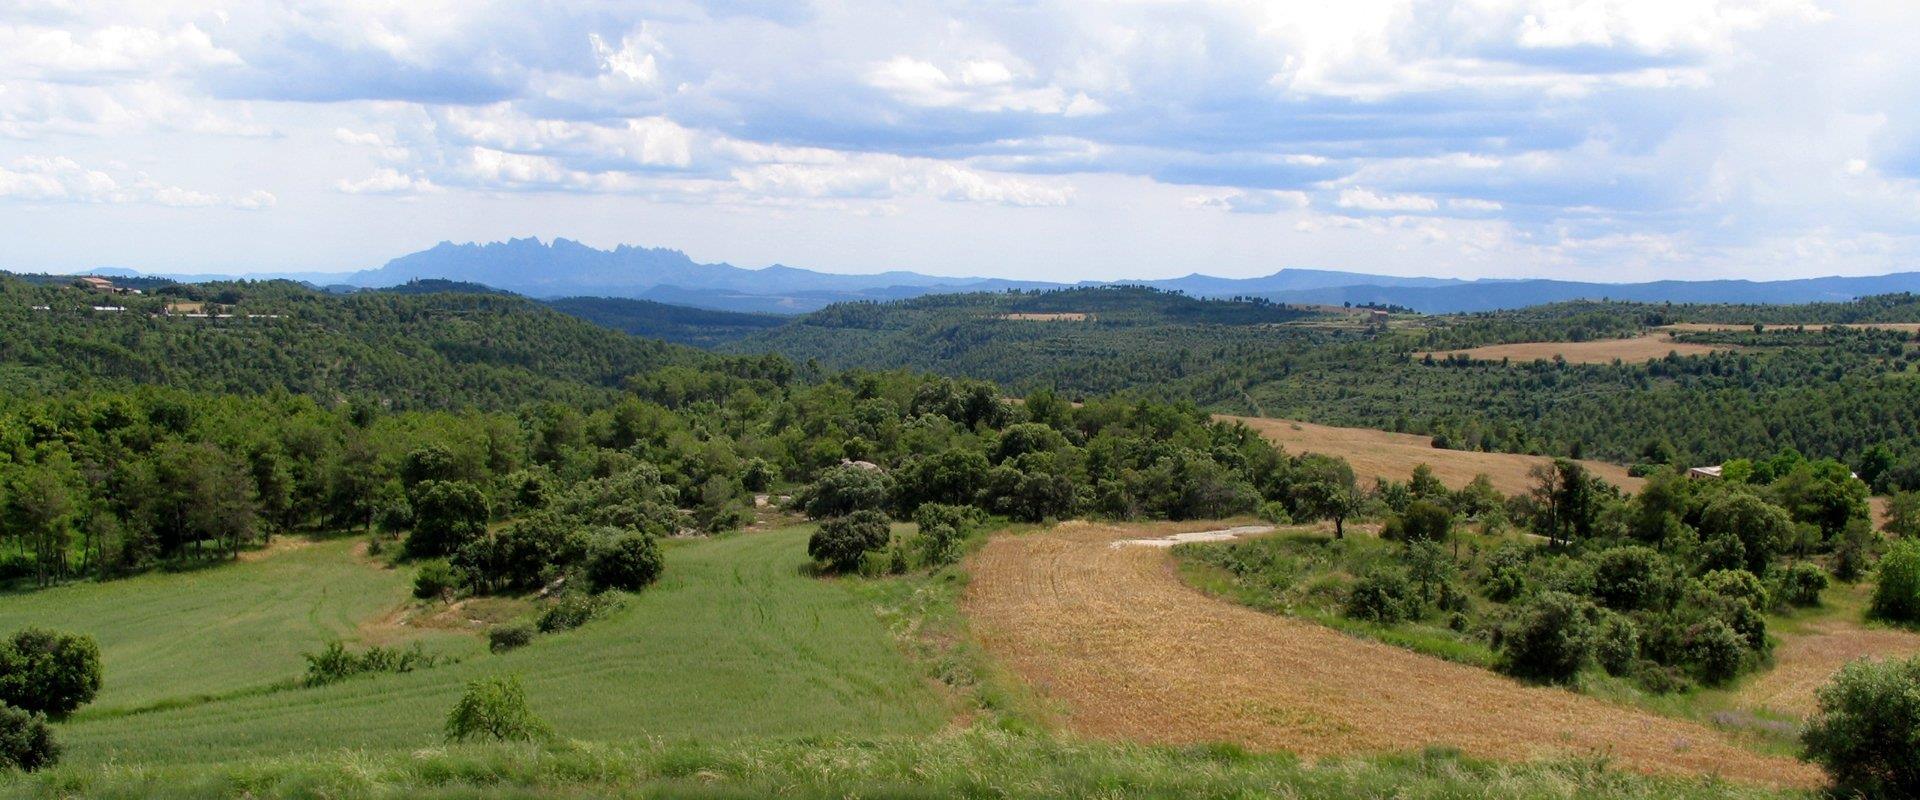 Catalunya rural